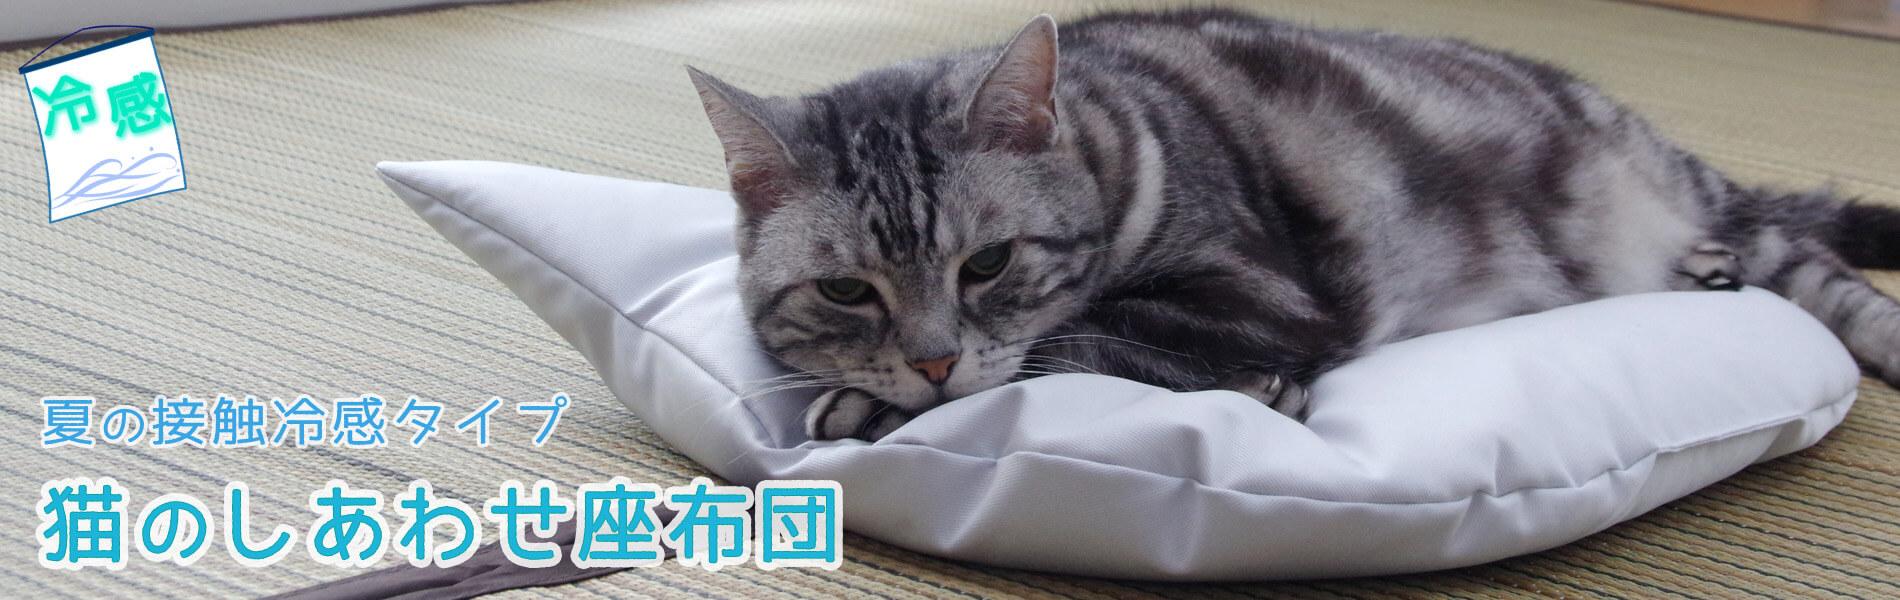 冷感!猫のしあわせ座布団